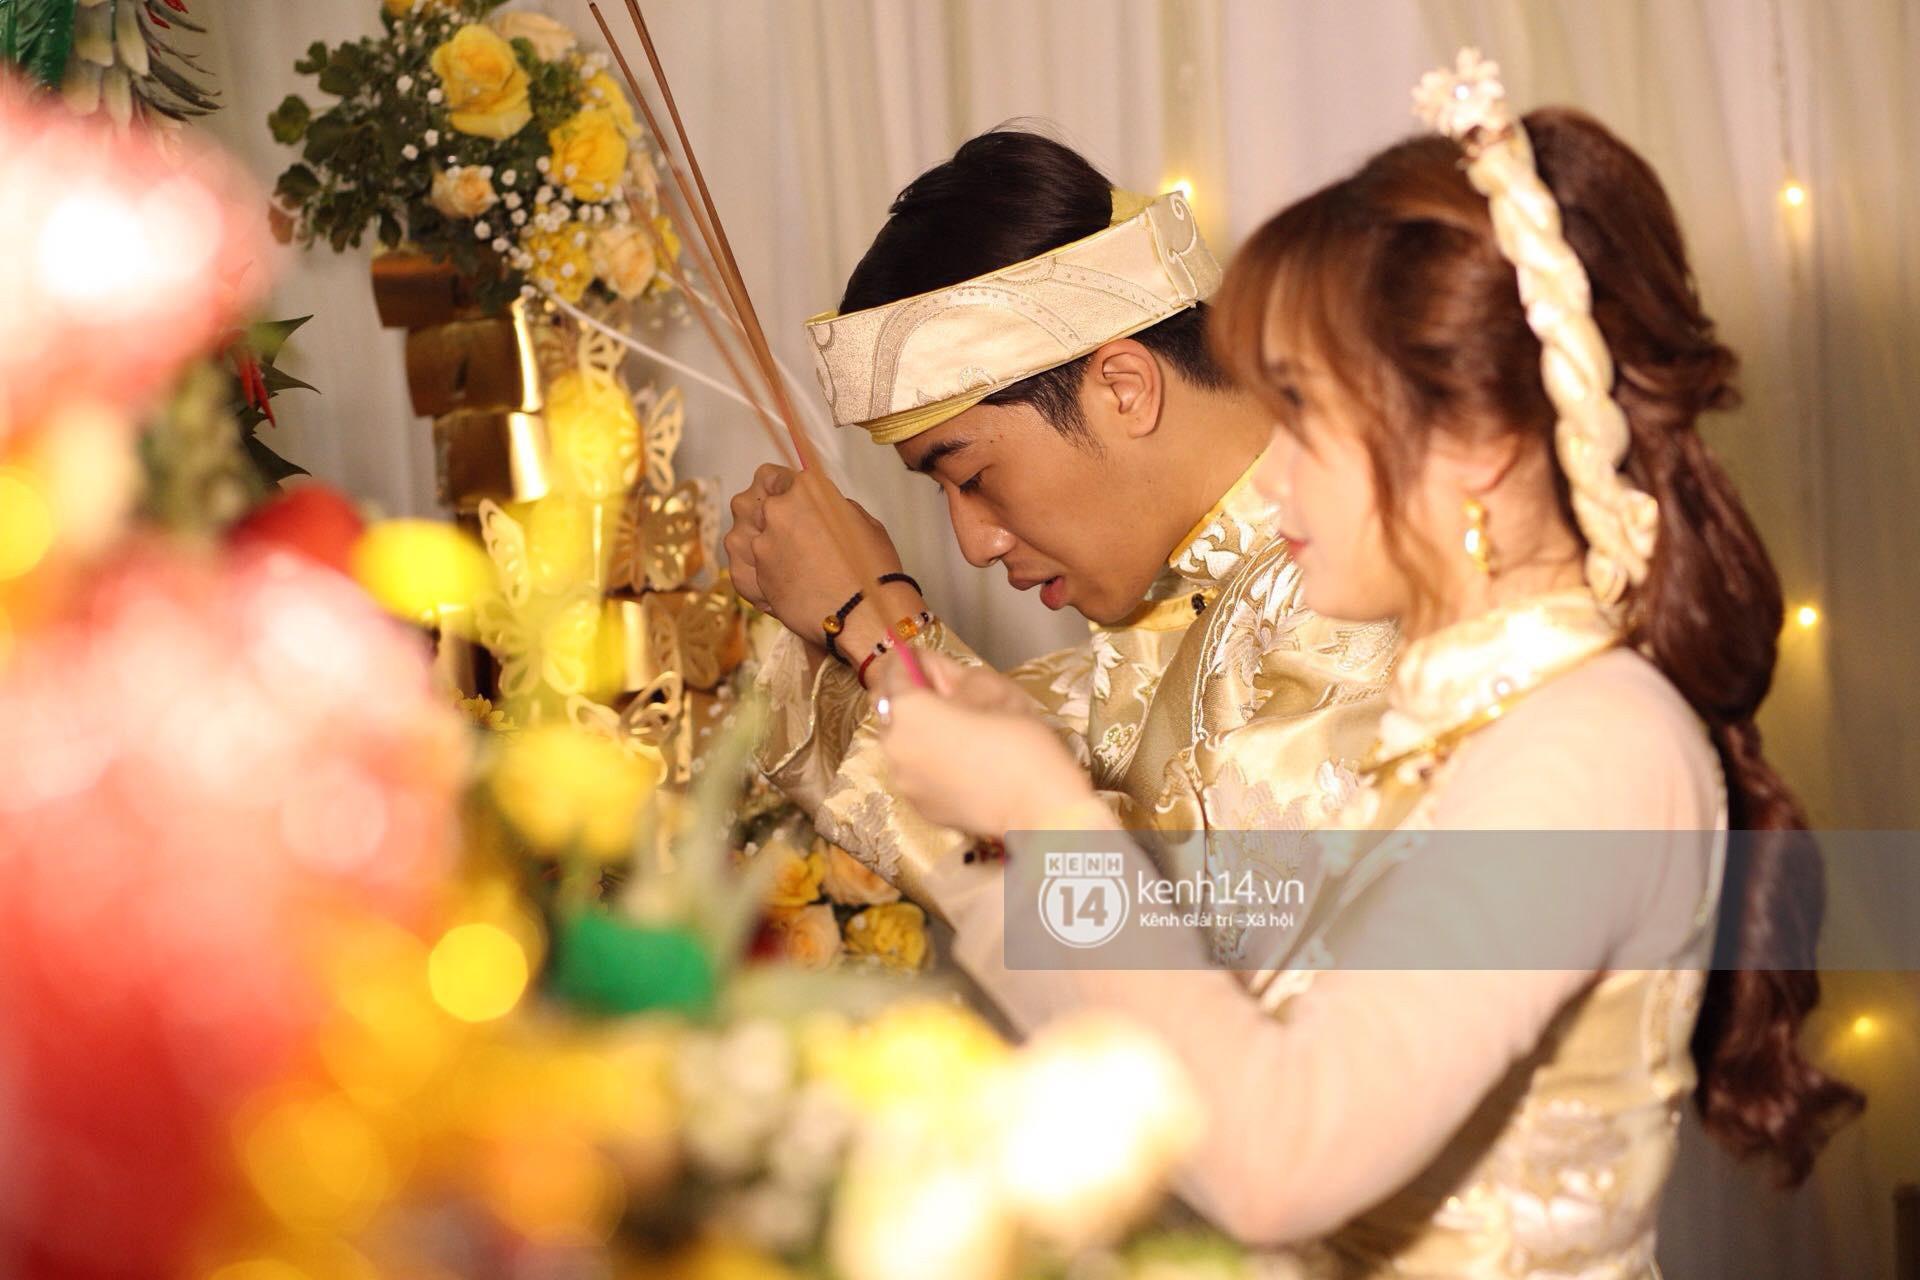 Chùm ảnh rạng rỡ của Cris Phan và Mai Quỳnh Anh trong lễ cưới ở Phú Yên - Ảnh 3.